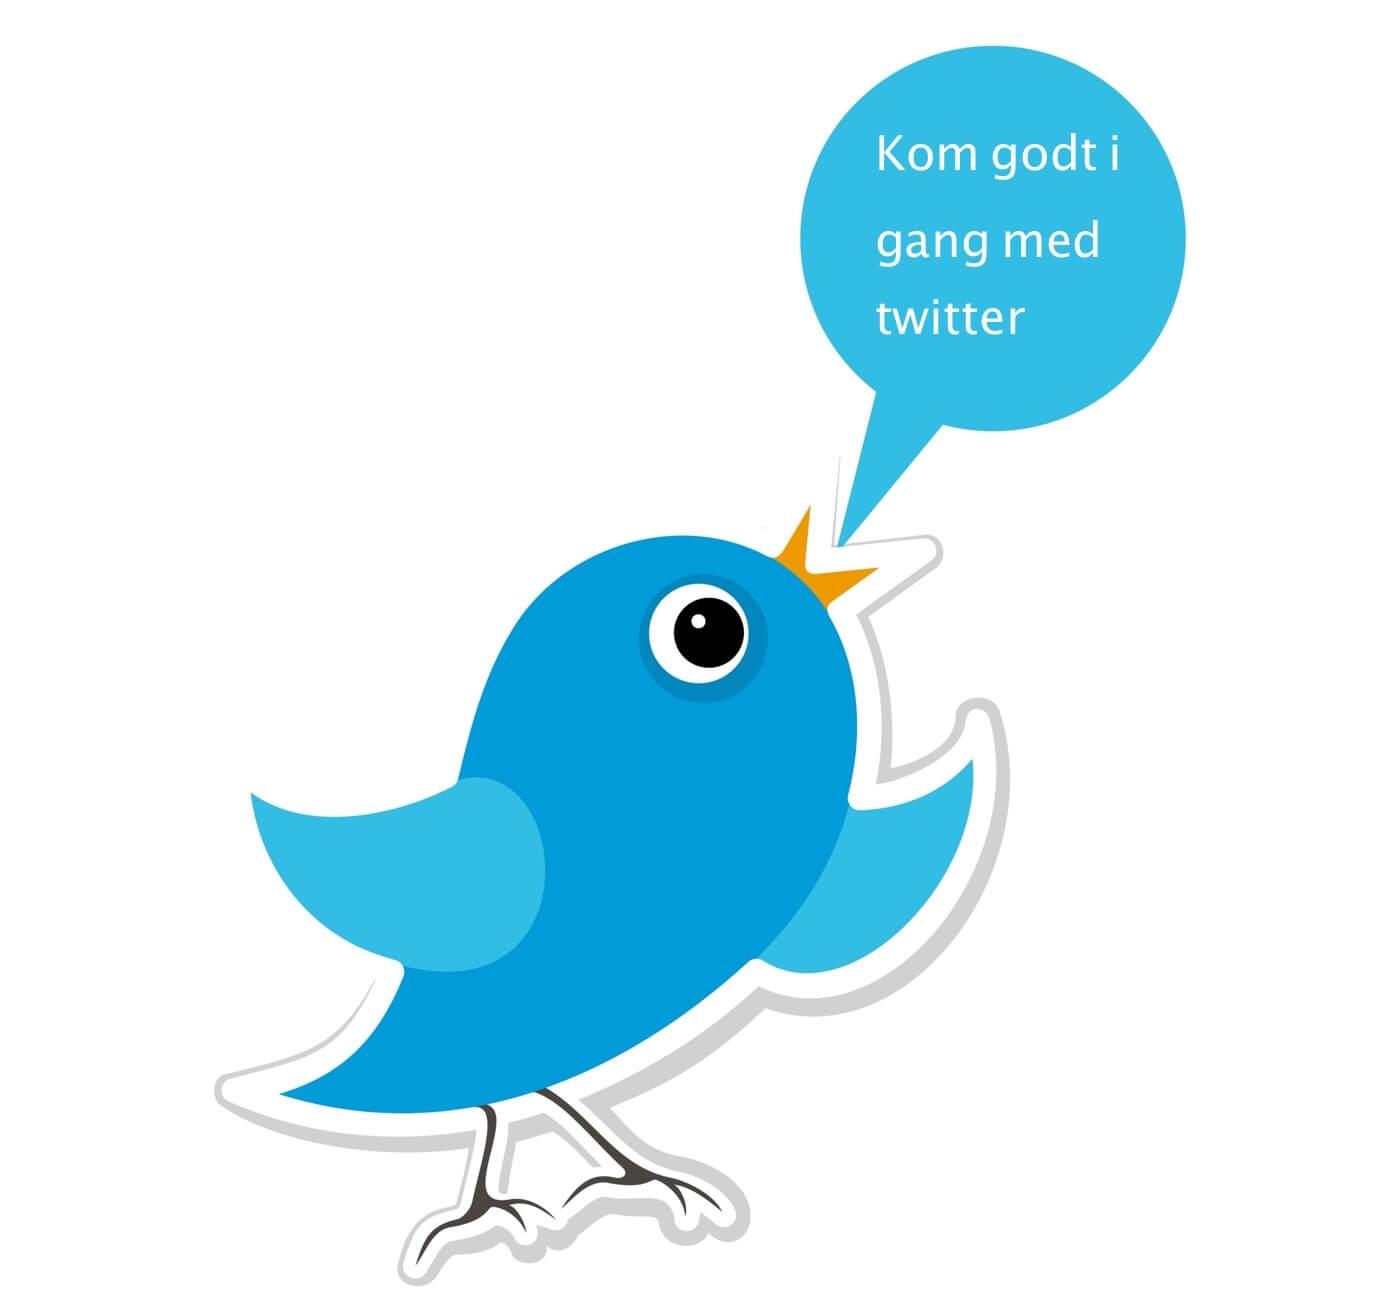 Sådan kommer du godt i gang med Twitter